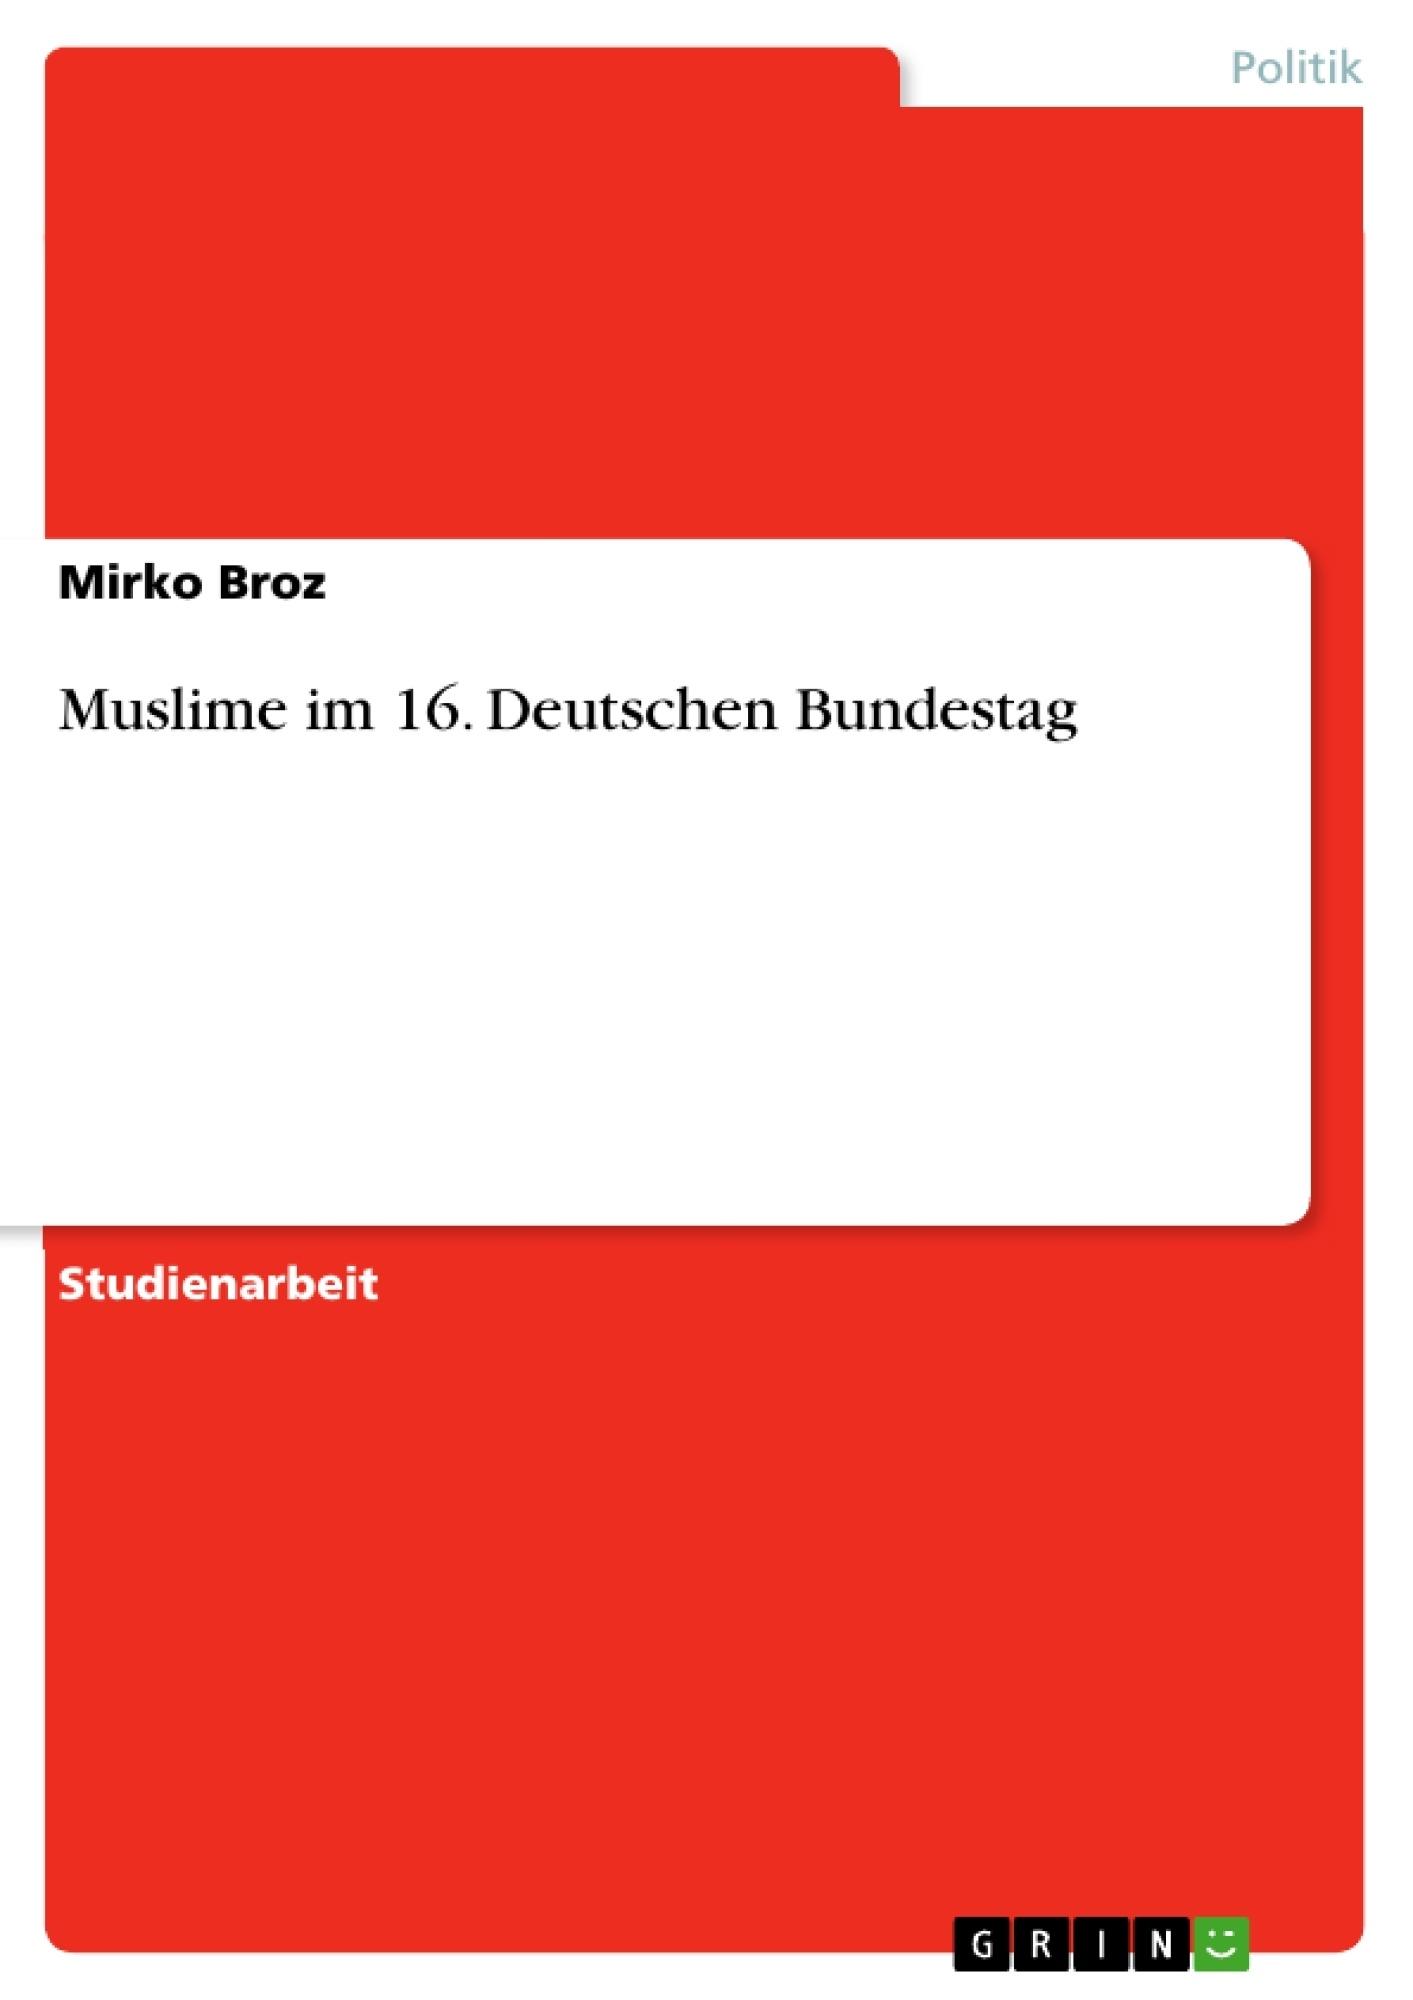 Titel: Muslime im 16. Deutschen Bundestag